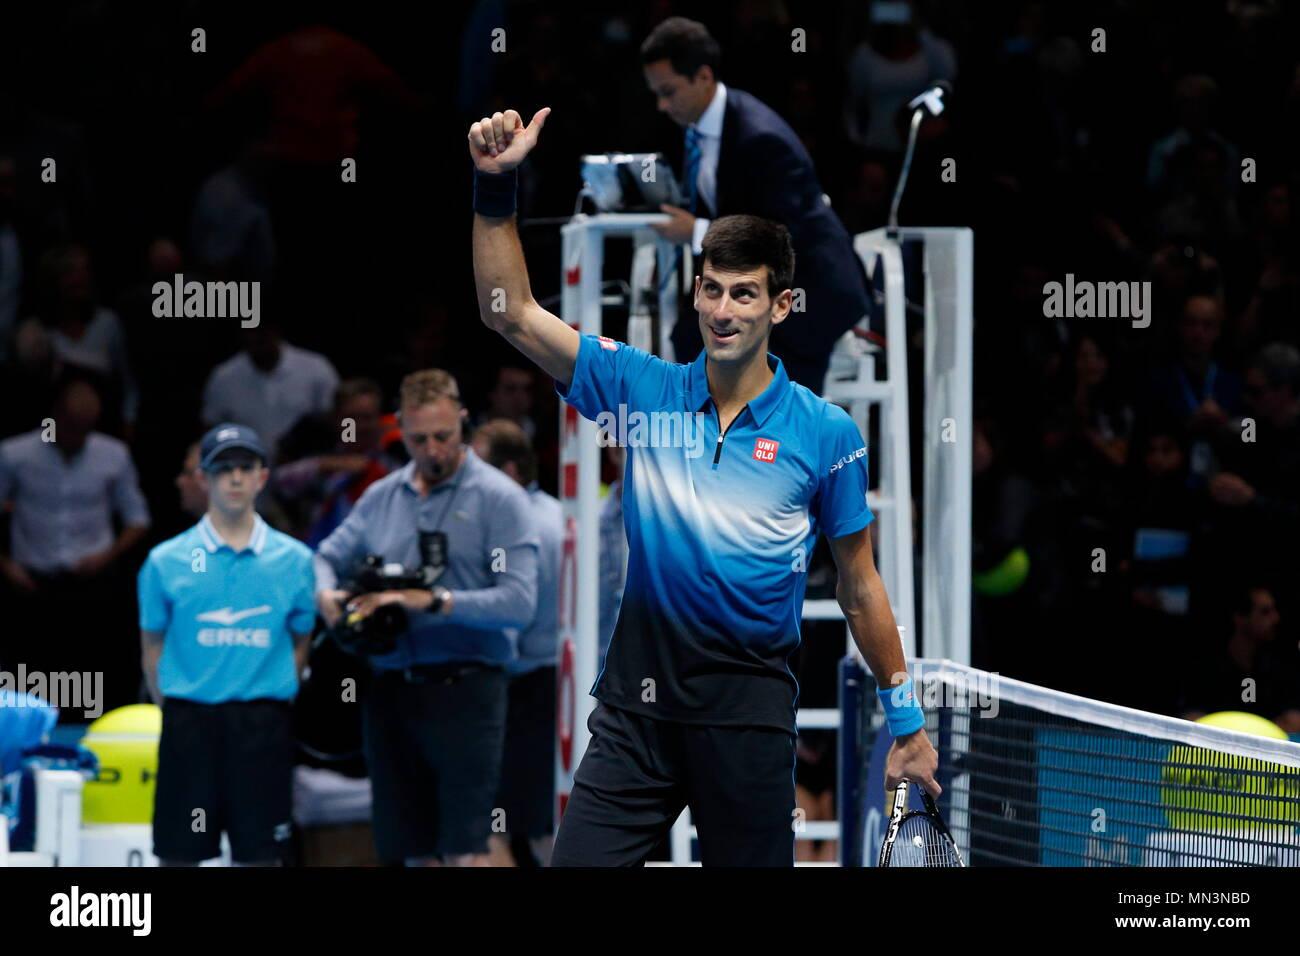 Roger Federer Vs Novak Djokovic During The Singles Final Of The 2015